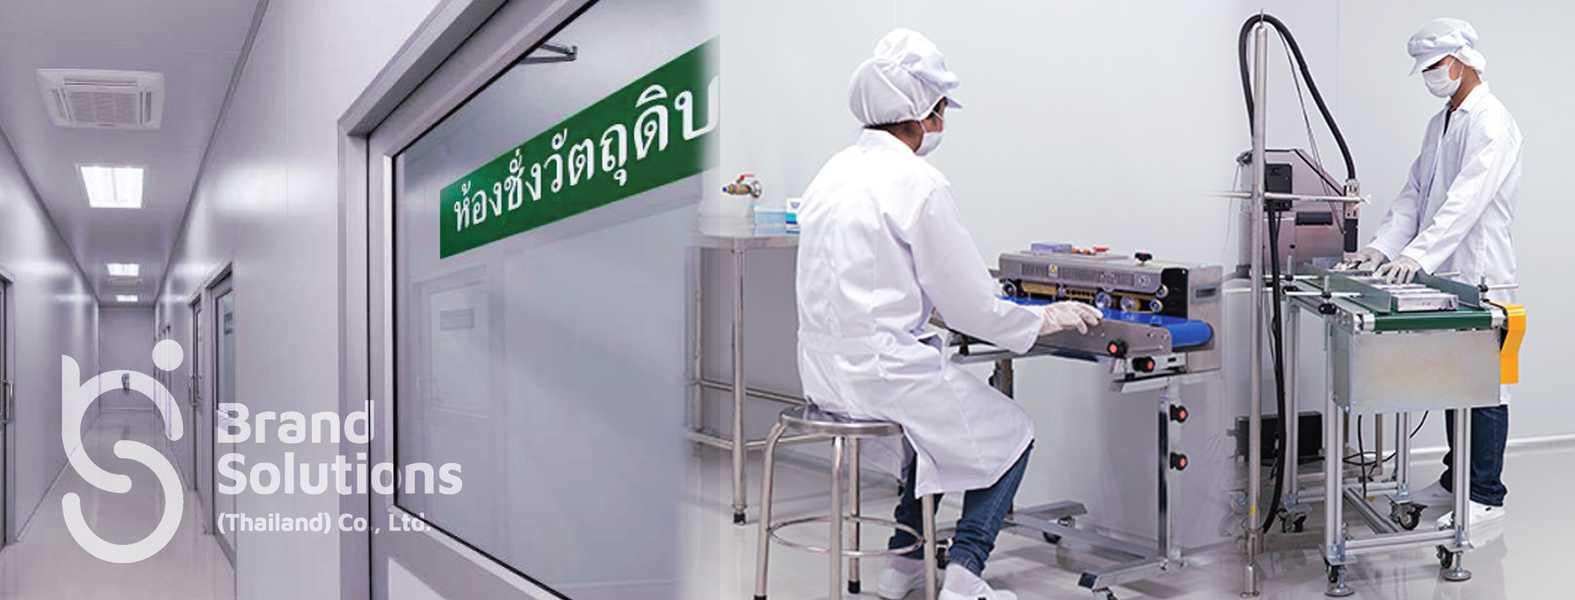 ม เครื่องอาง และ อาหารเสริม โรงงานผลิตอาหารเสริม โรงงานผลิตครีม บริษัทรับผลิตครีม รับผลิตเครื่องสำอาง รับสร้างแบรนด์ครีม